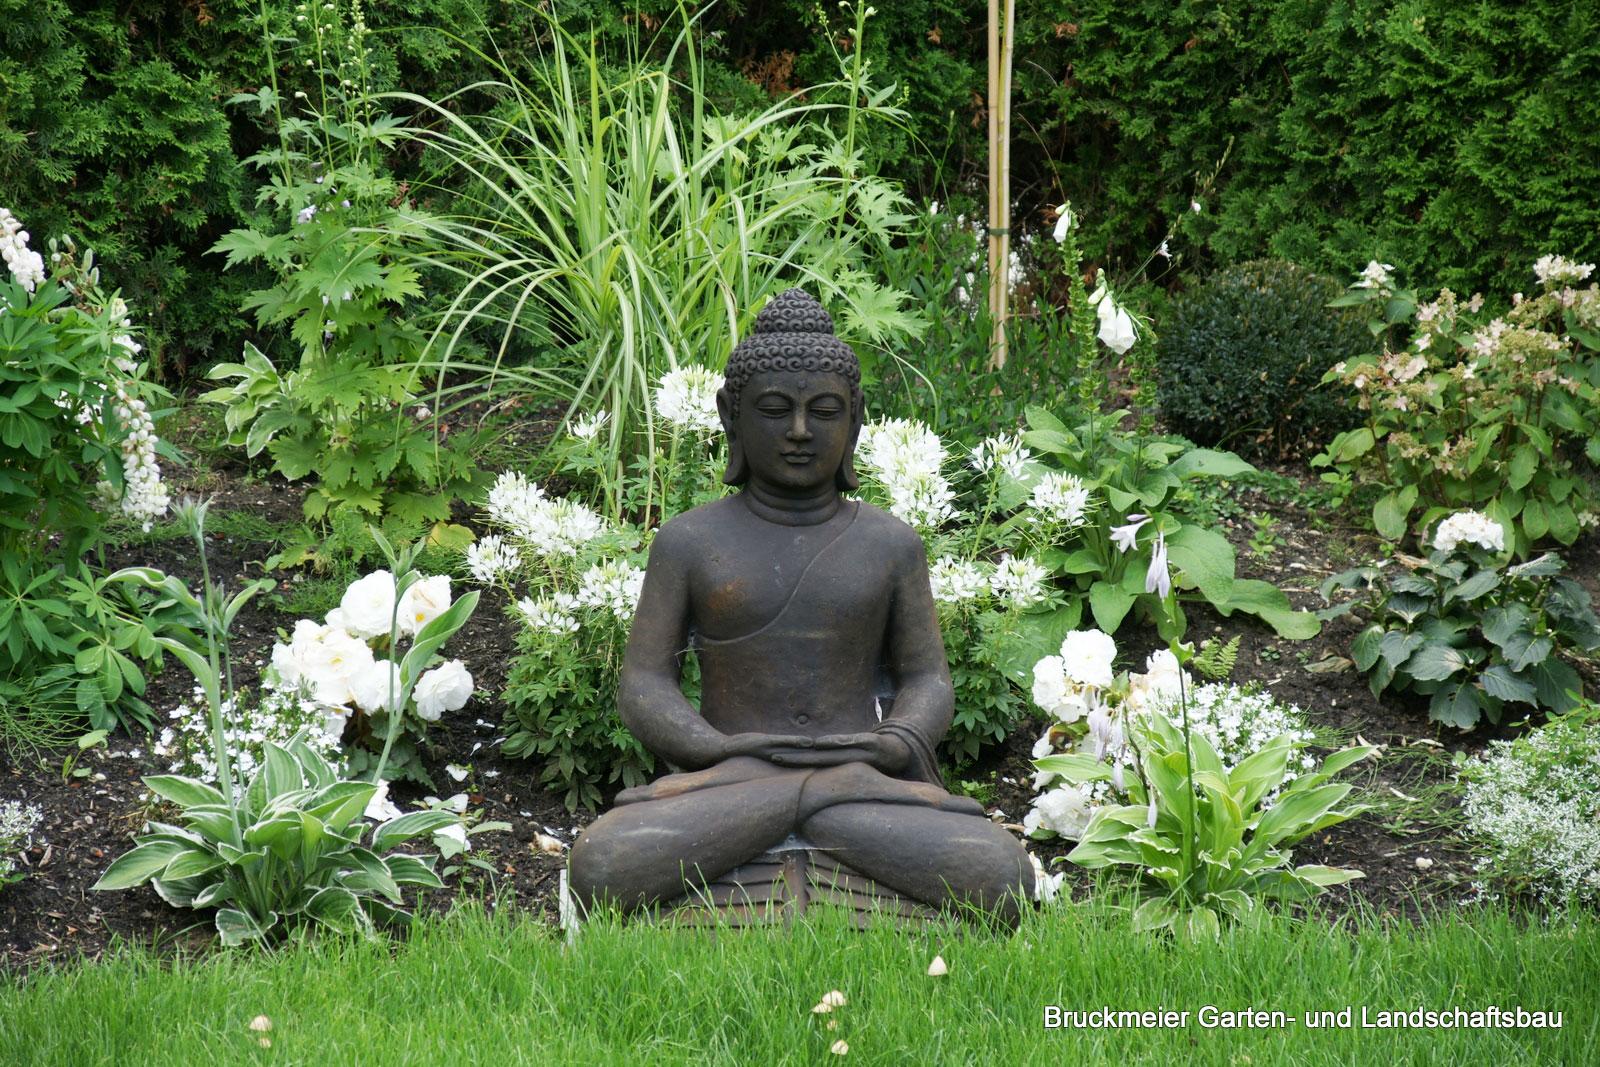 Asiatischer Garten Bruckmeier Garten Und Landschaftsbau